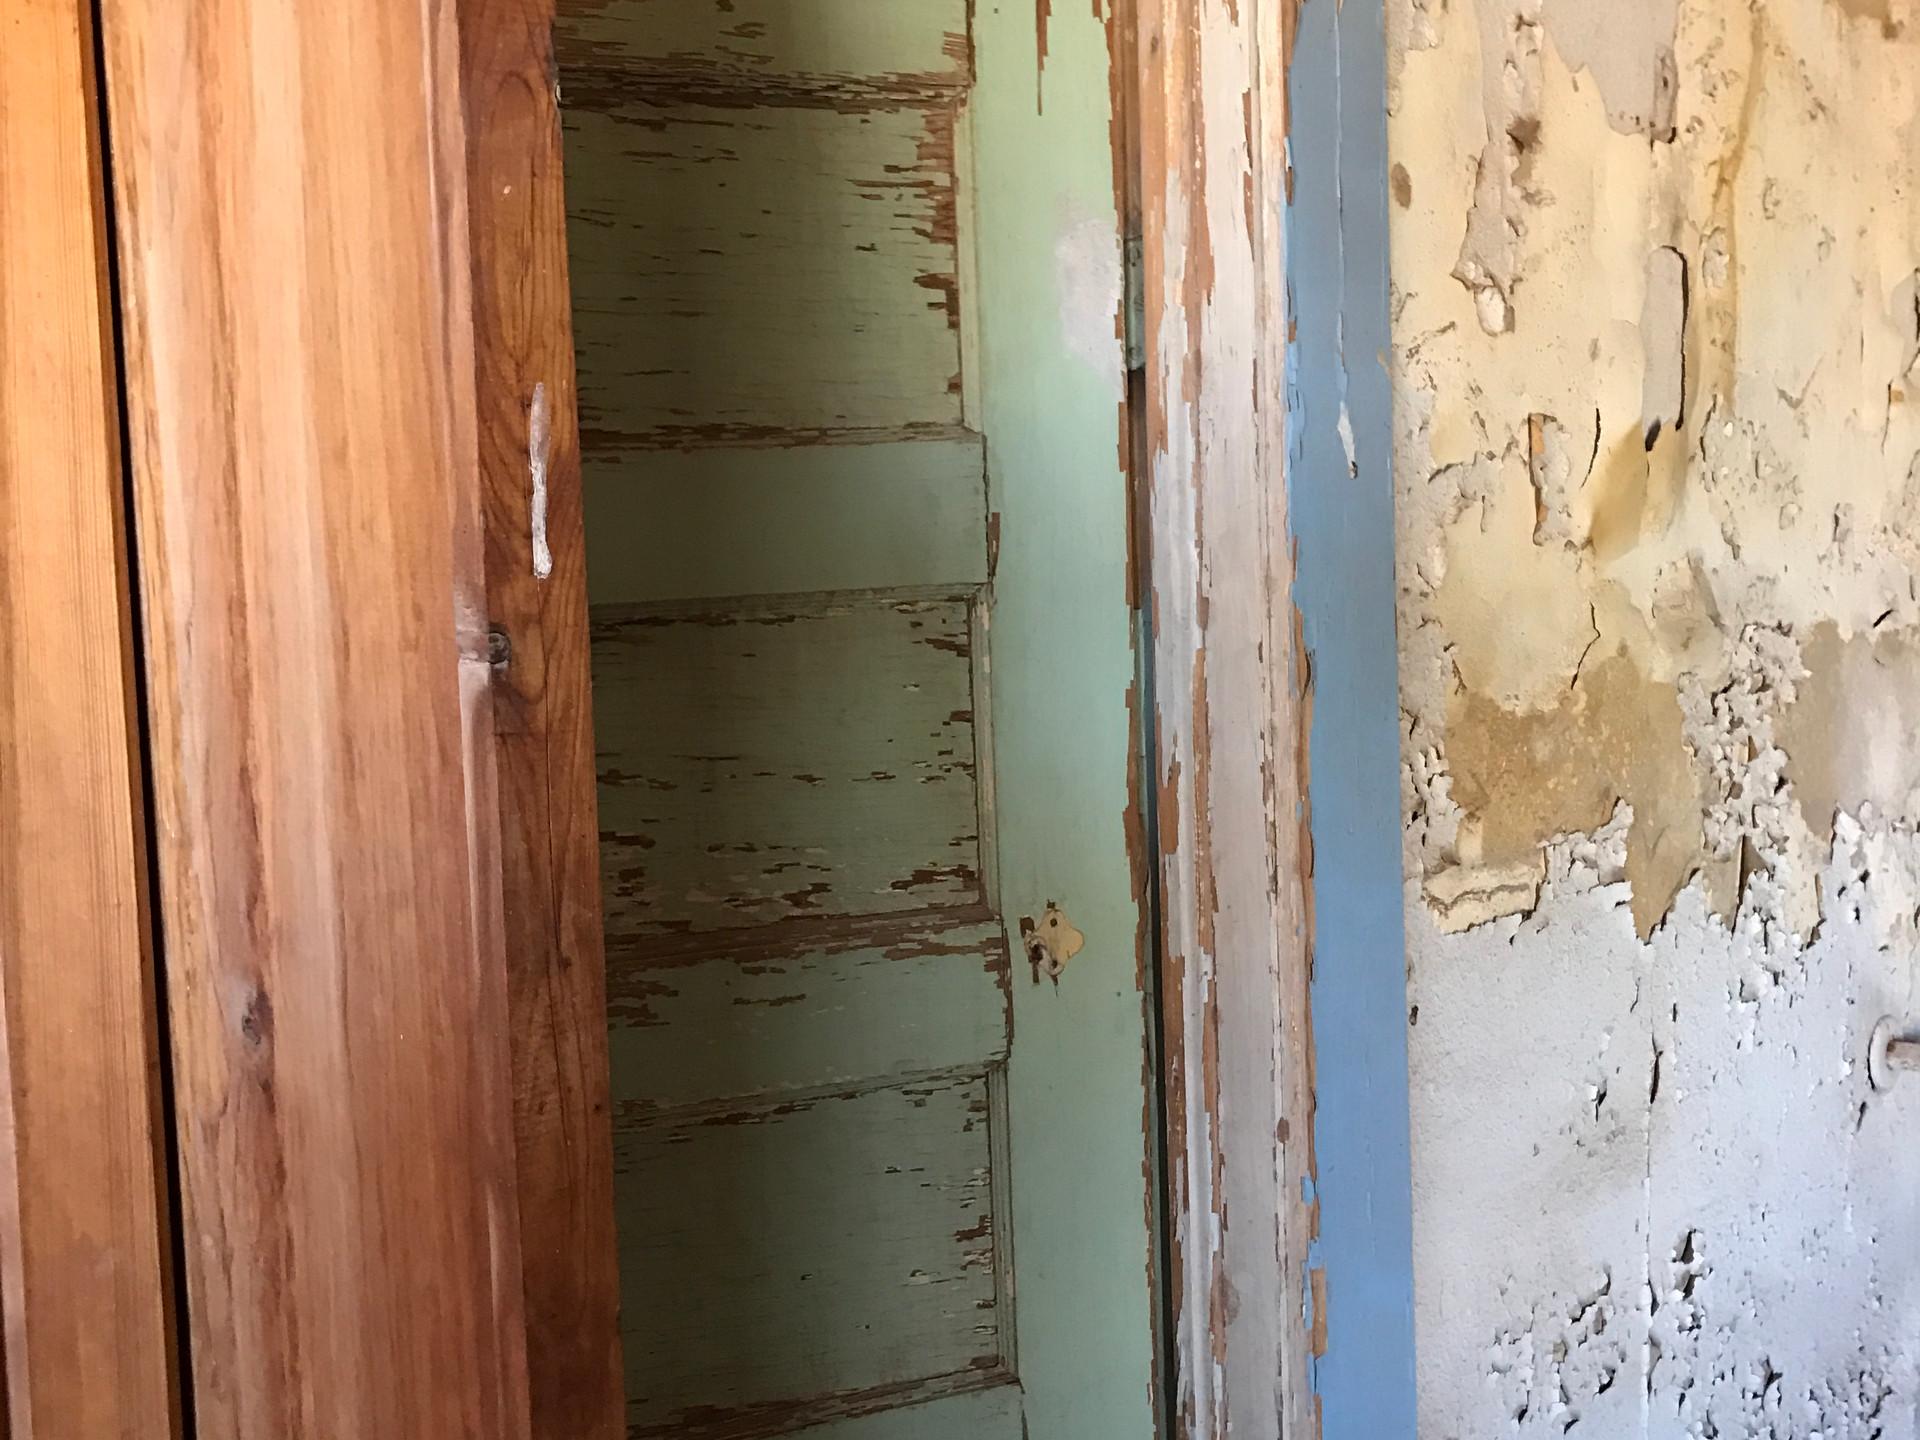 Van Horn Doorway